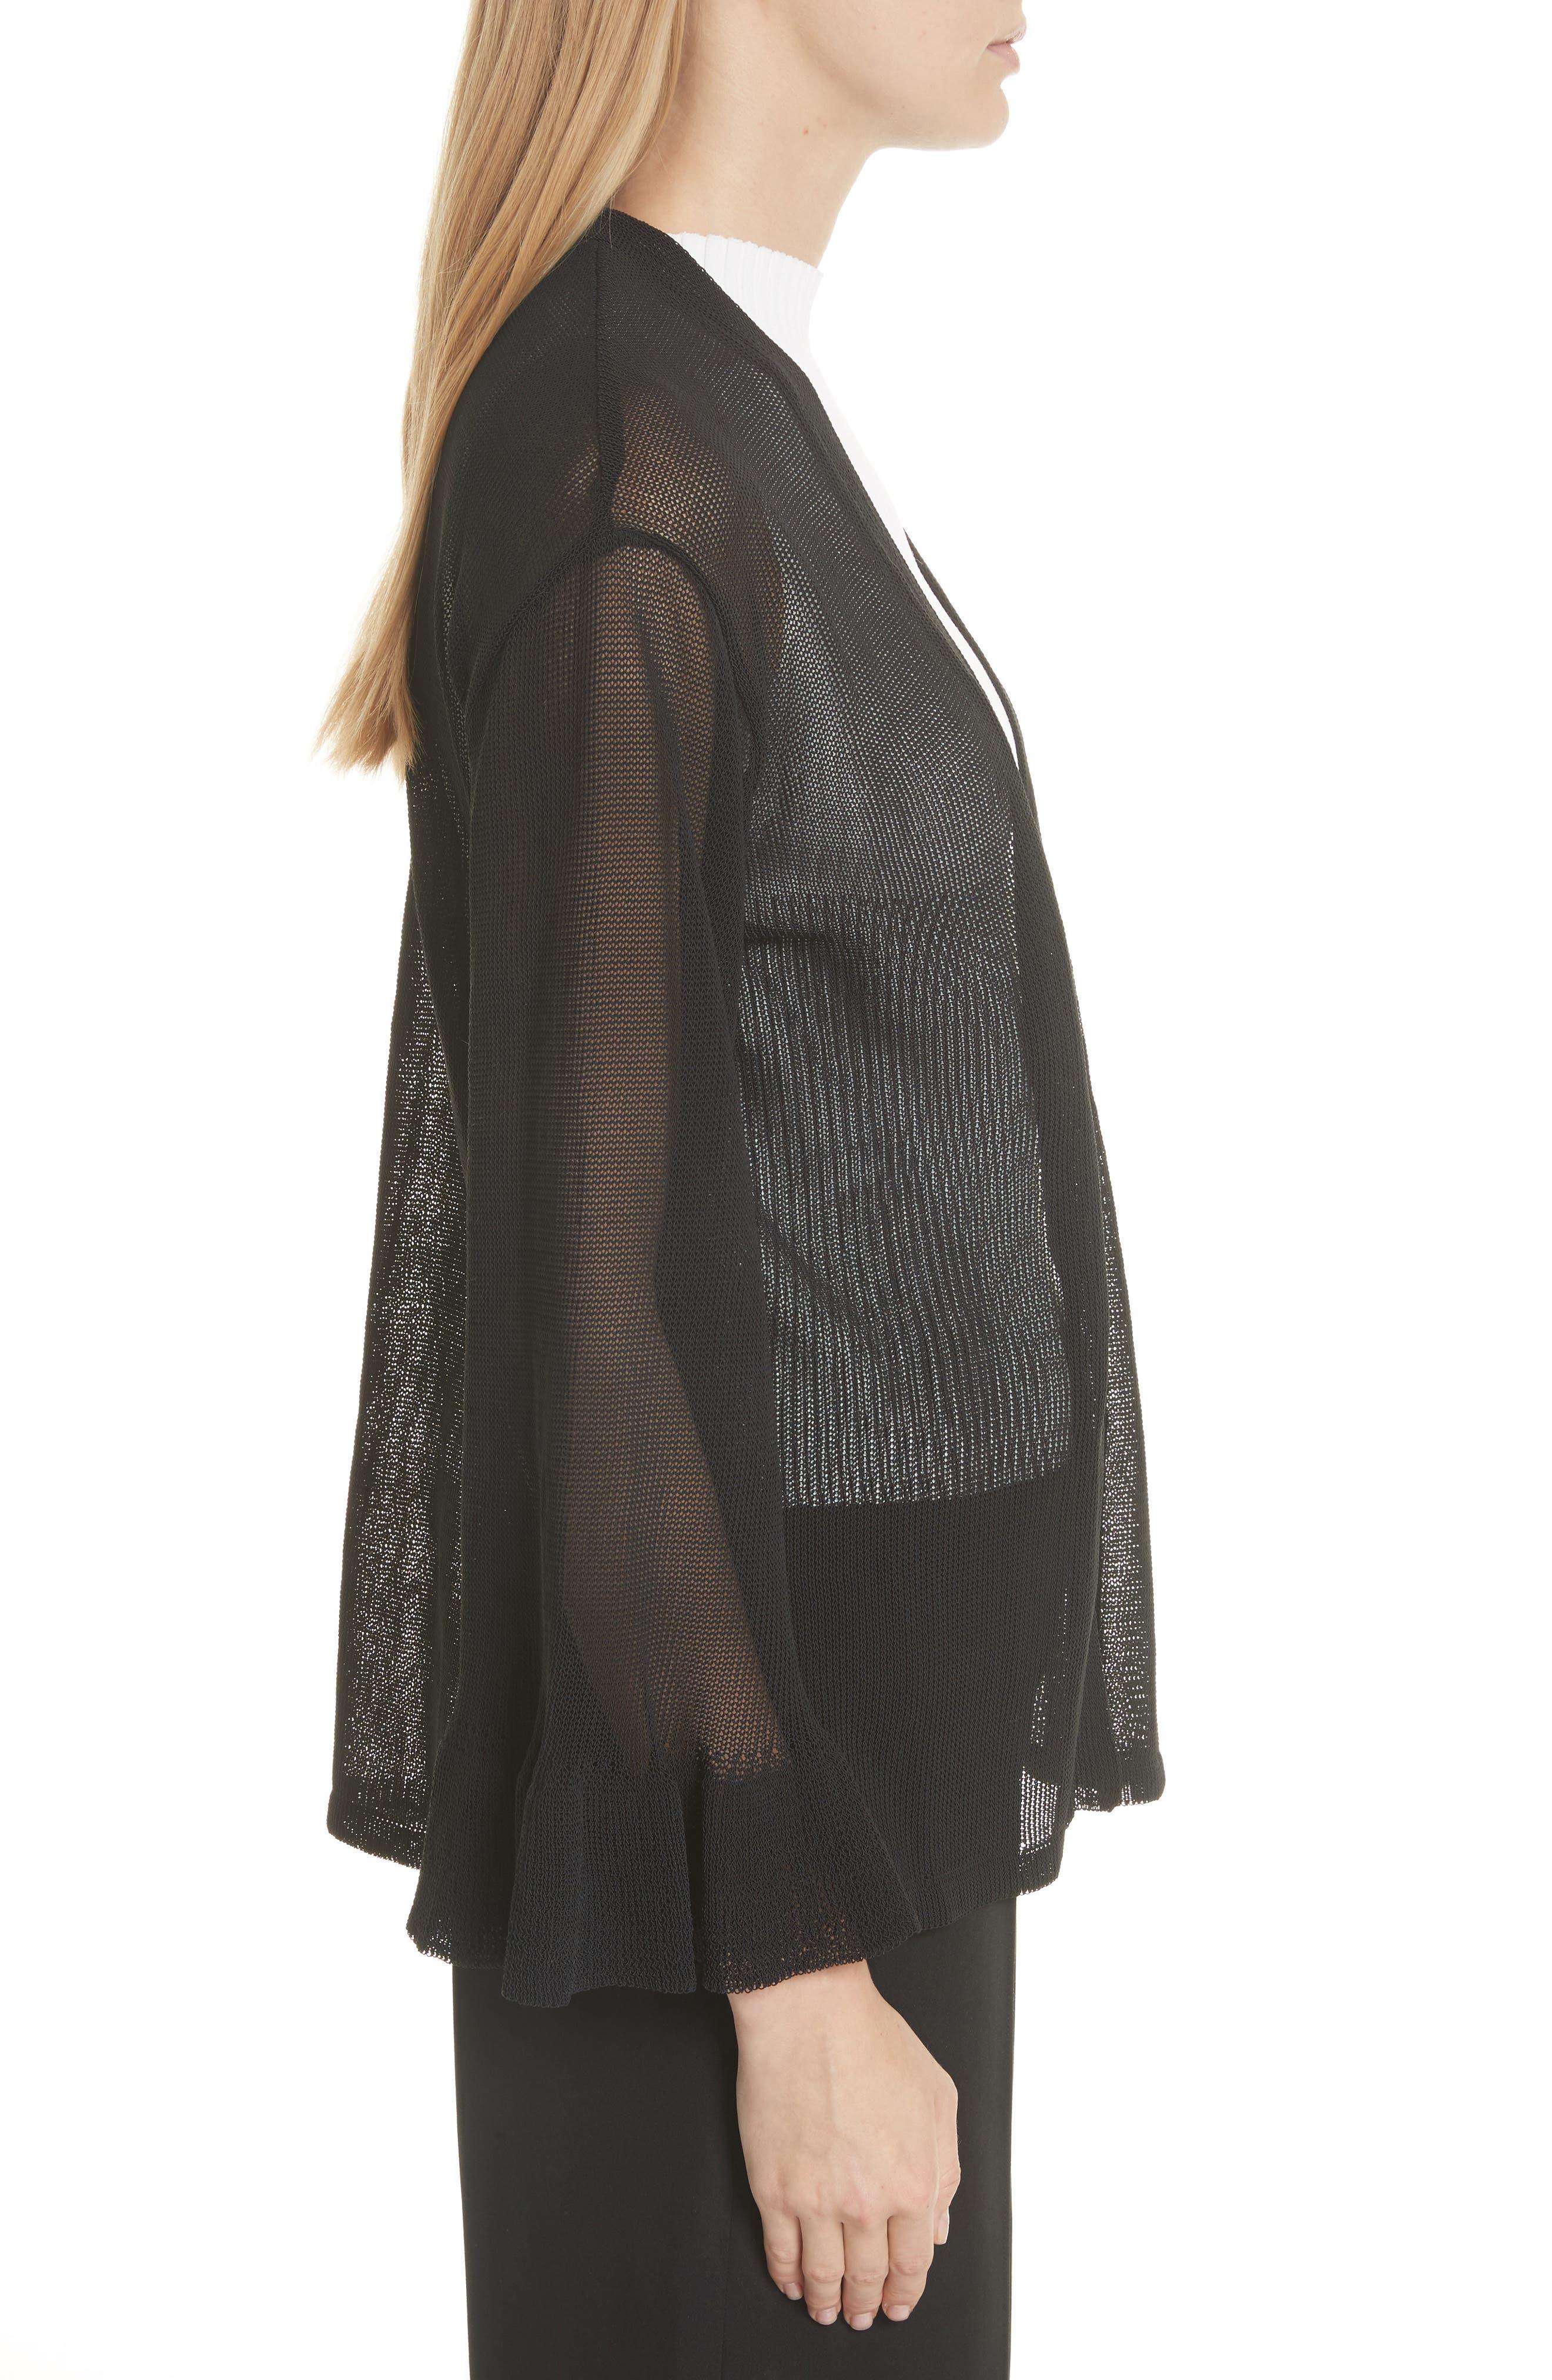 Ruffle Sleeve Italian Mesh Cardigan,                             Alternate thumbnail 3, color,                             Black